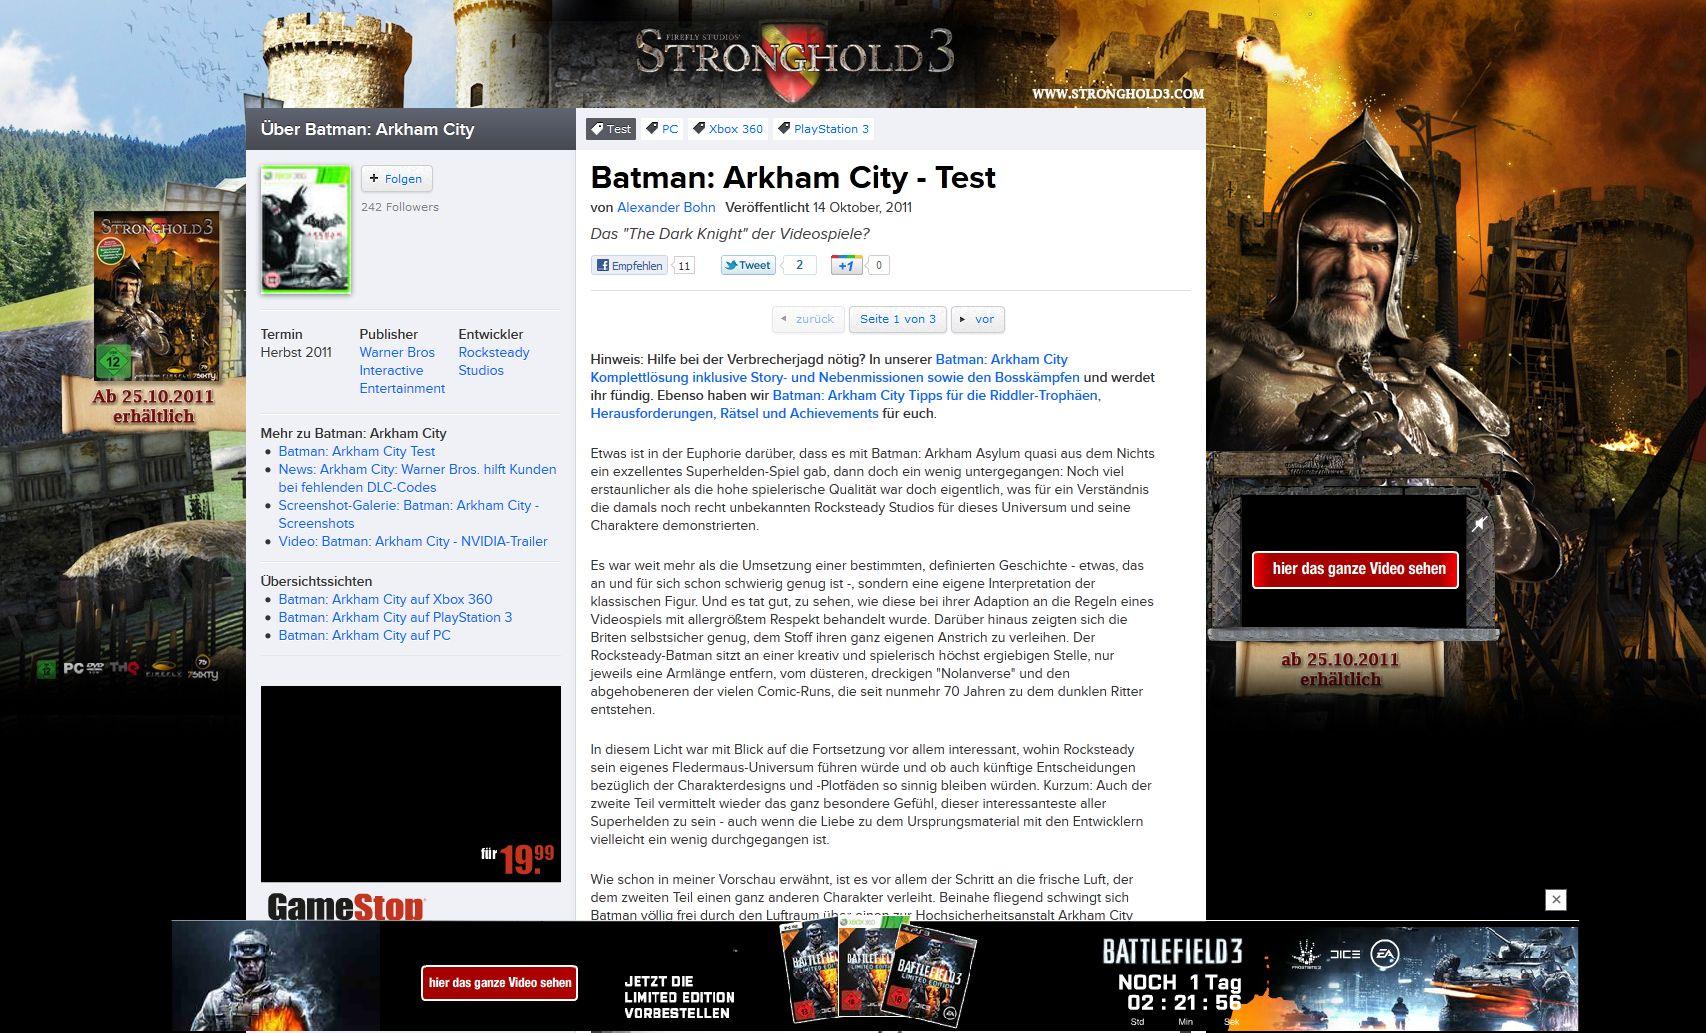 Andernorts schon schlimmer gesehen, aber dennoch grenzwertig beim frisch relaunchten Eurogamer: Blinkende Werbung um den Content.